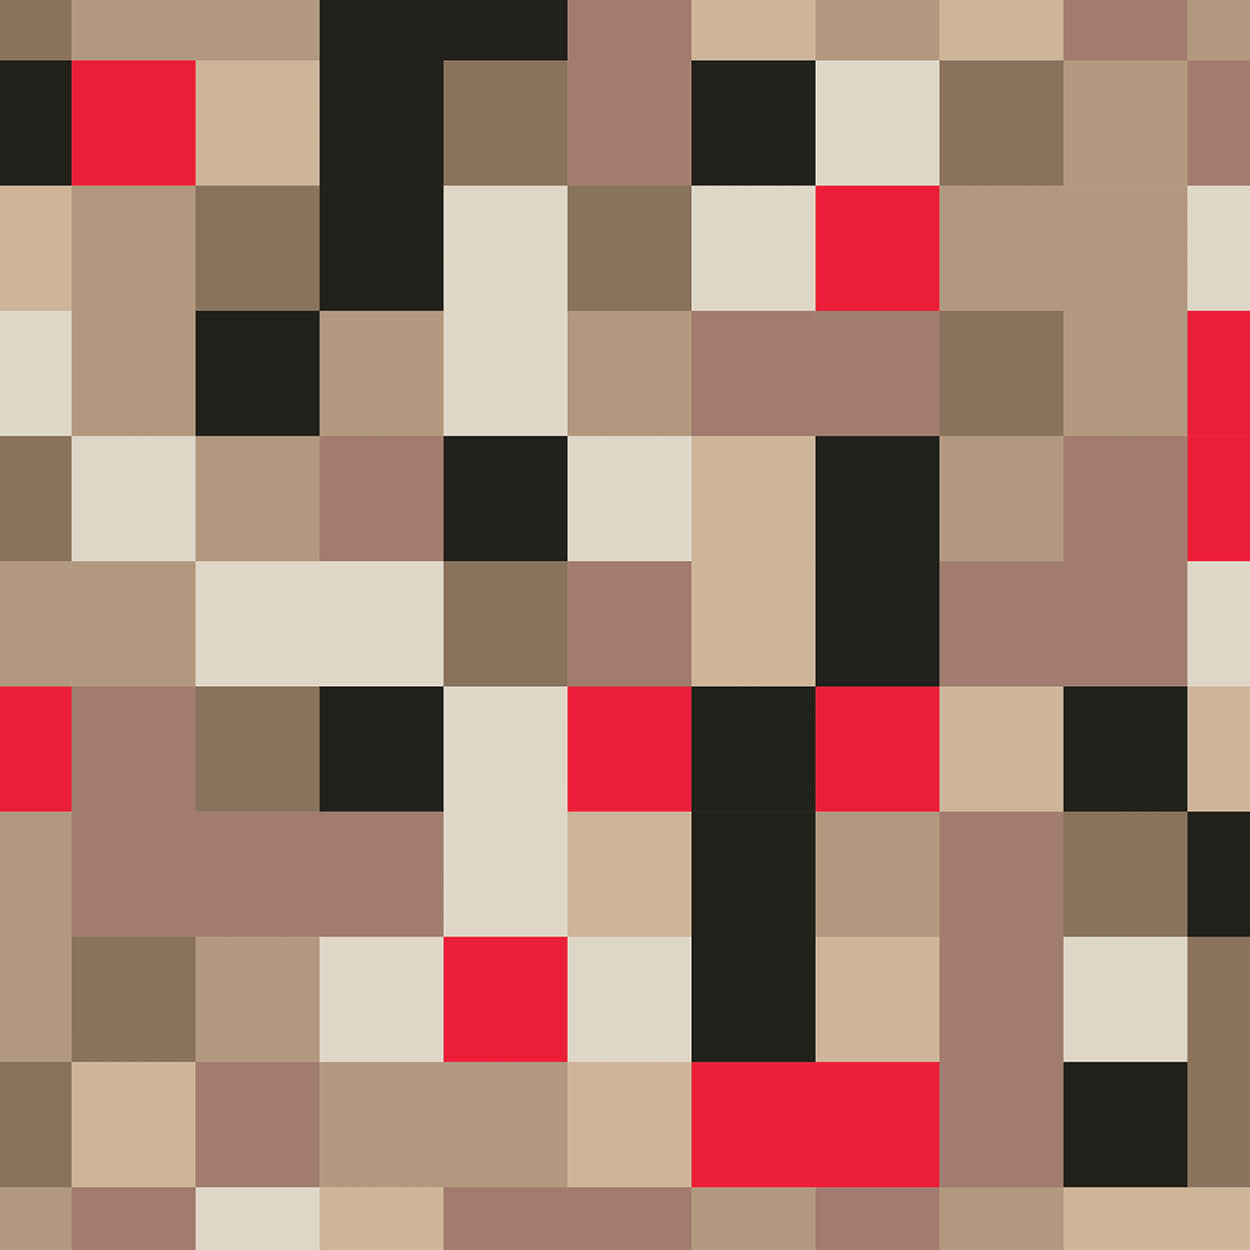 Big Pixel 6